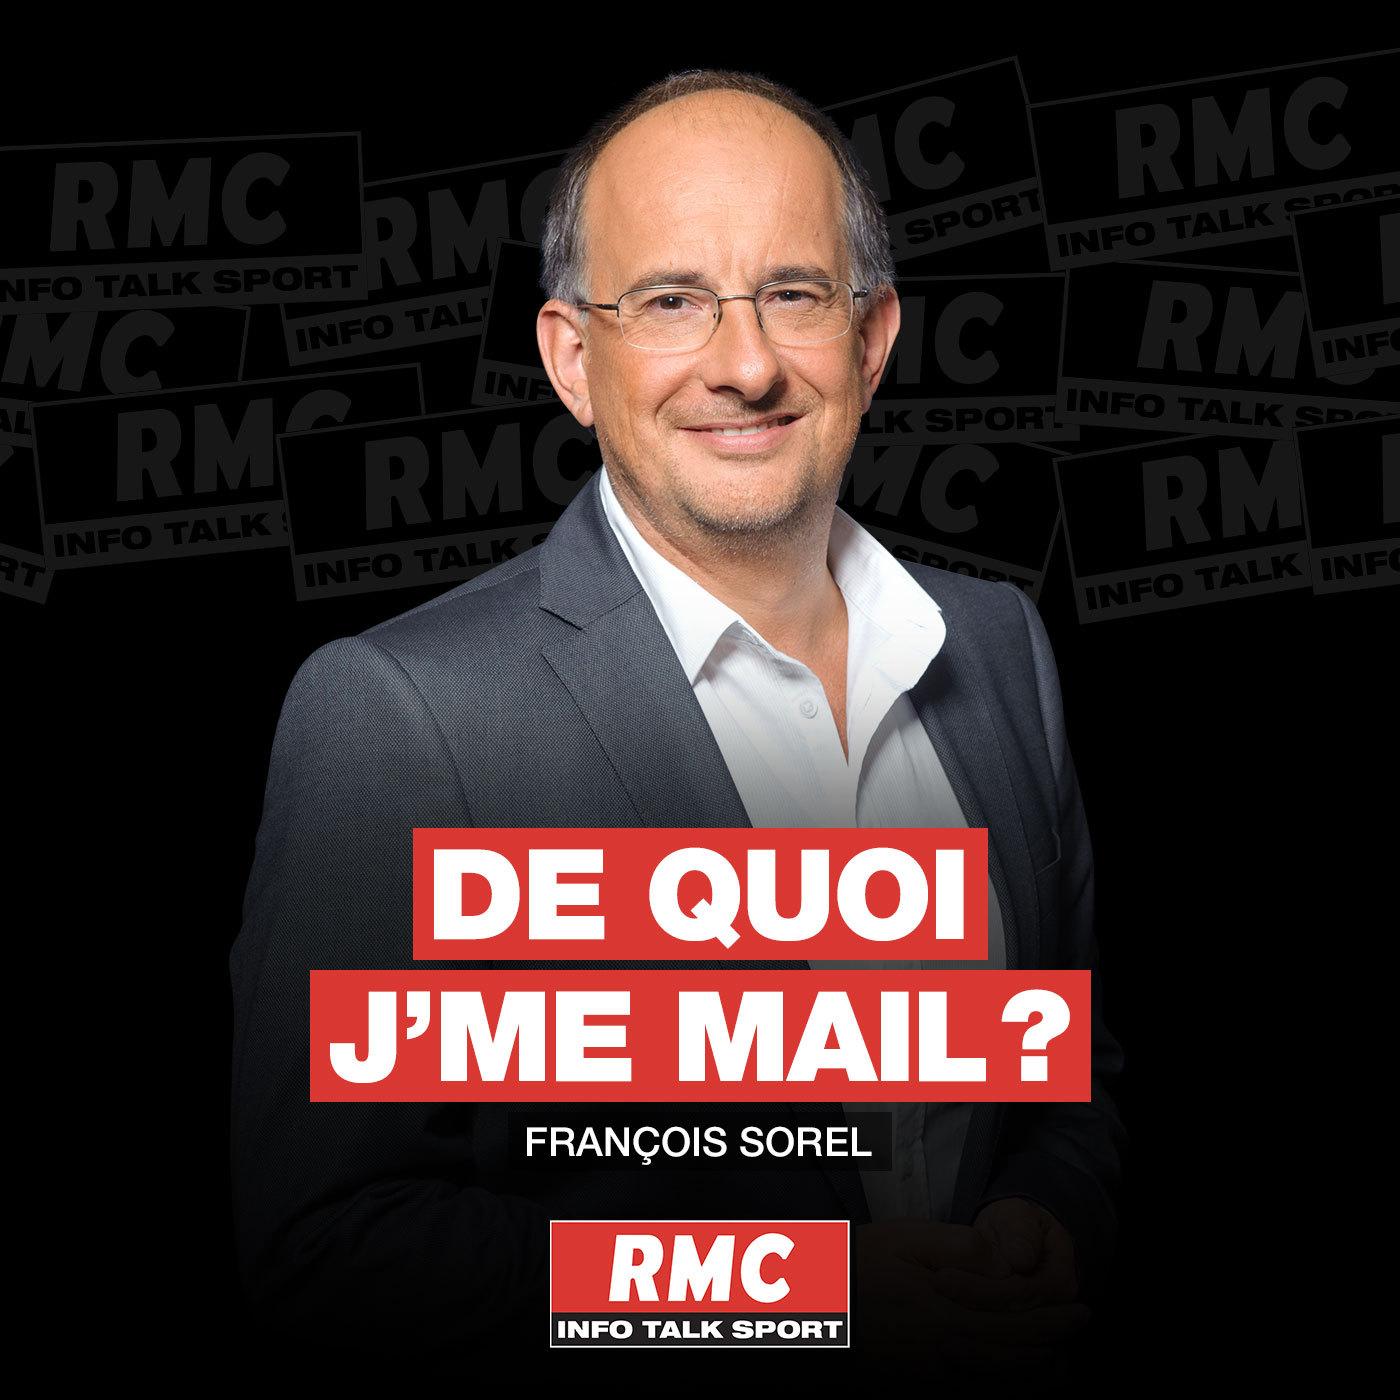 Image 1: Podcast De quoi jme mail sur RMC